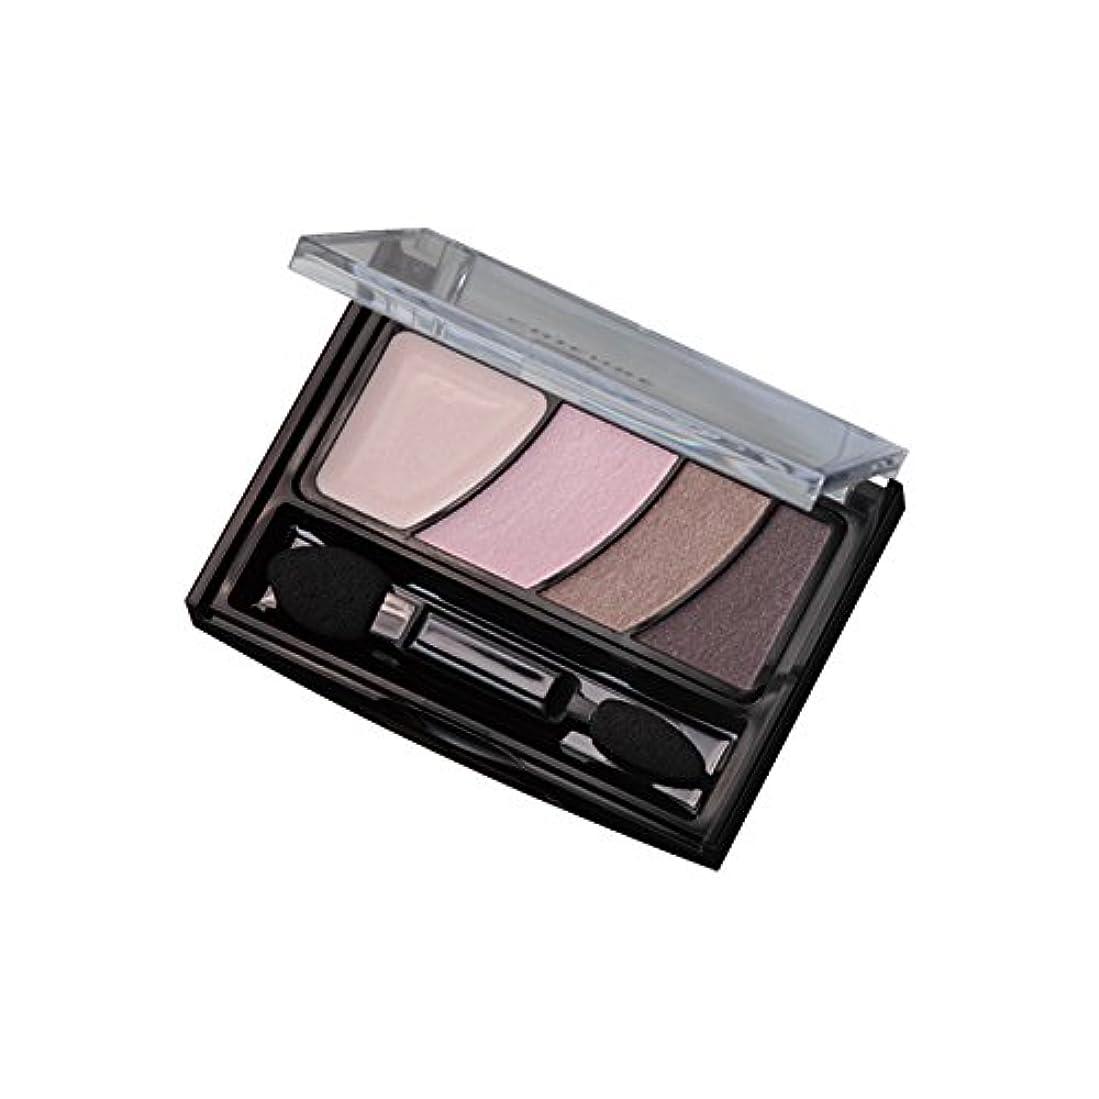 練るオン風ちふれ化粧品 グラデーション アイ カラー(チップ付) 12 ピンク系 アイカラー12